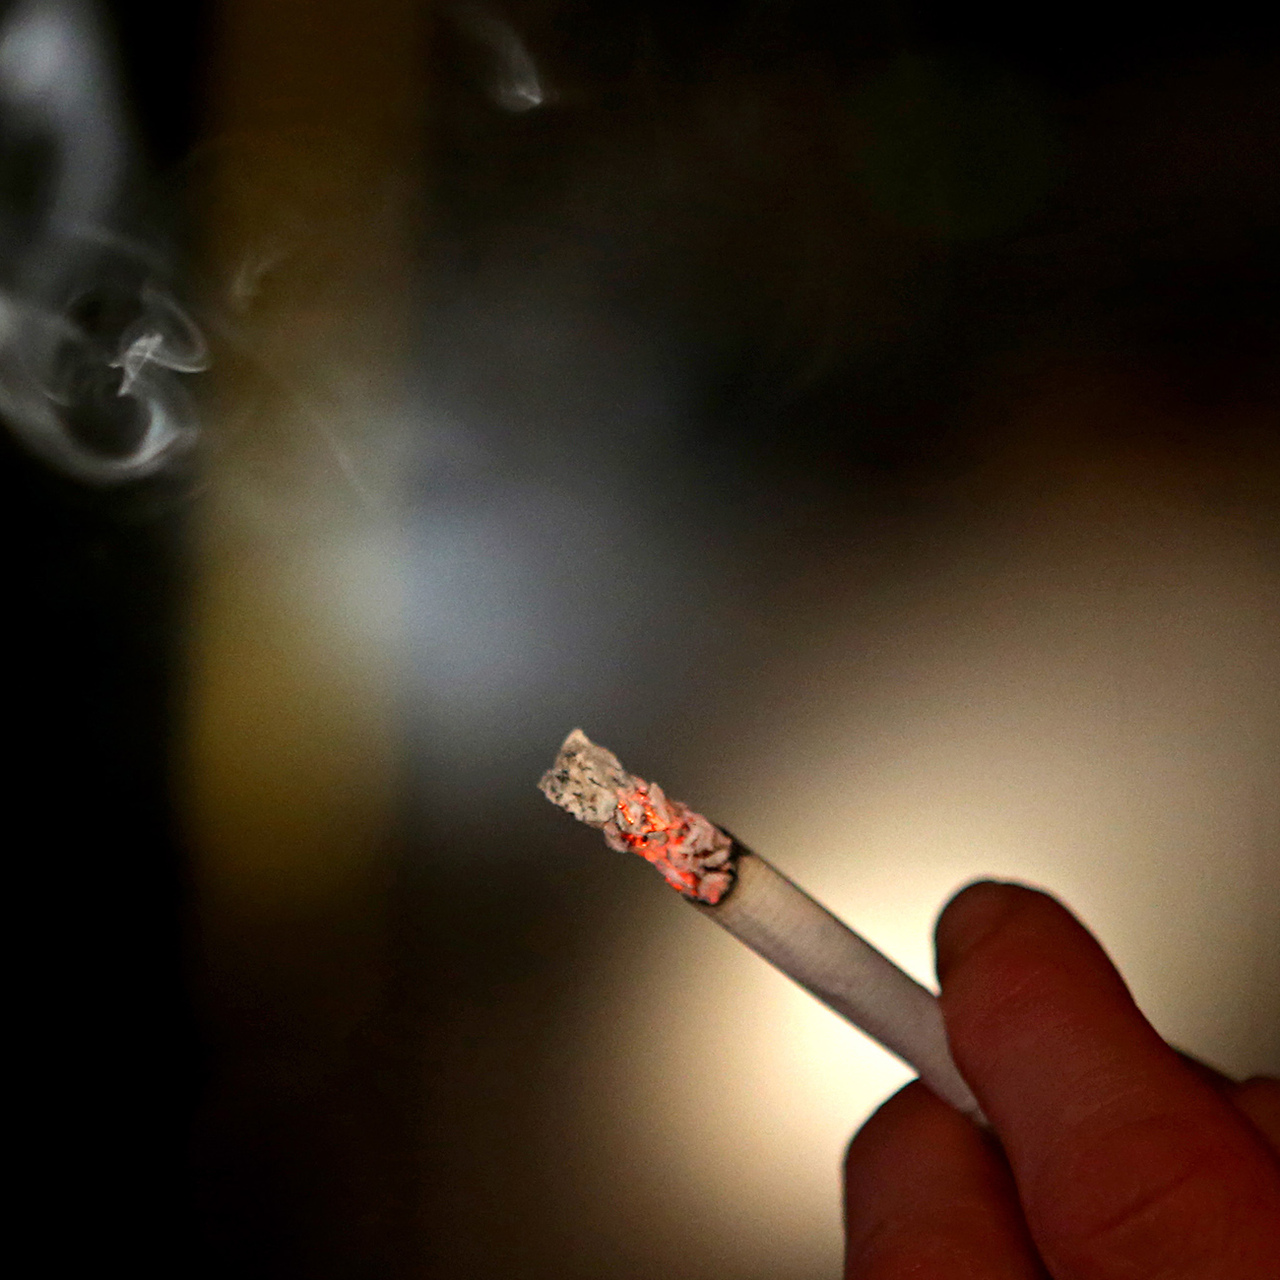 Повышения акциза на табачные изделия где купить электронные сигареты в жуковском